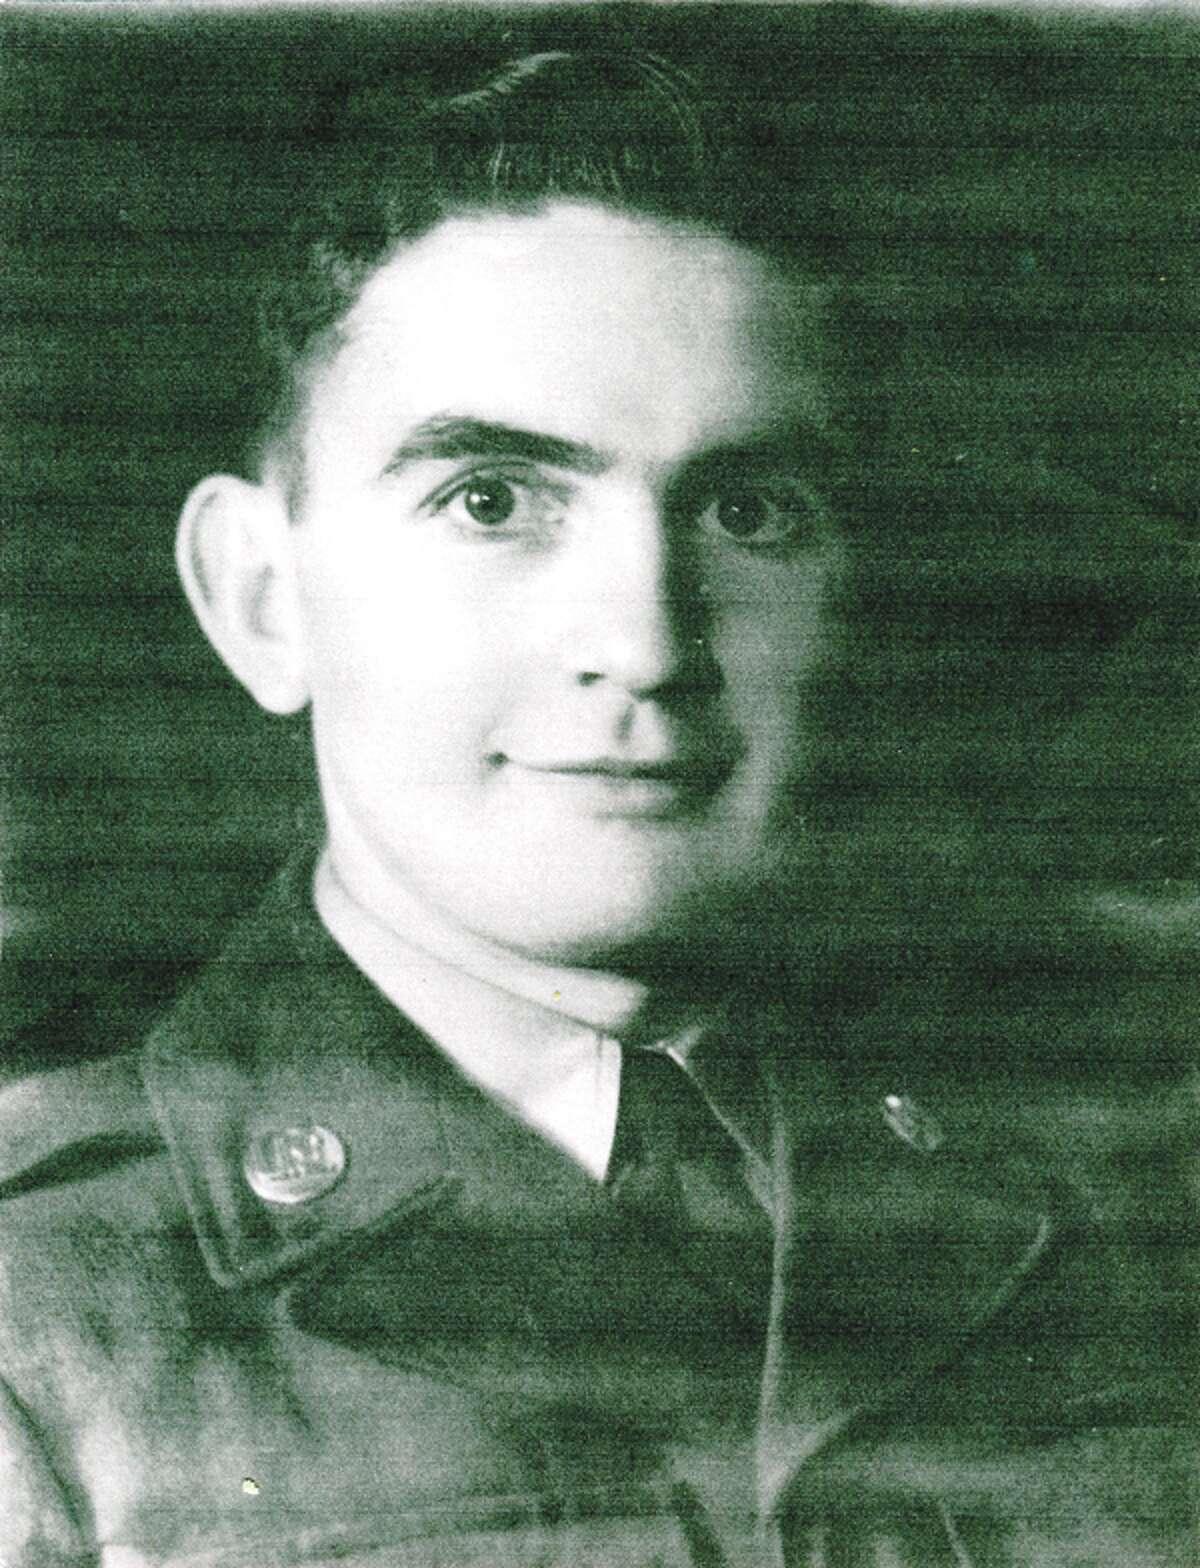 Frederick Kehr, CPL, U.S. Army